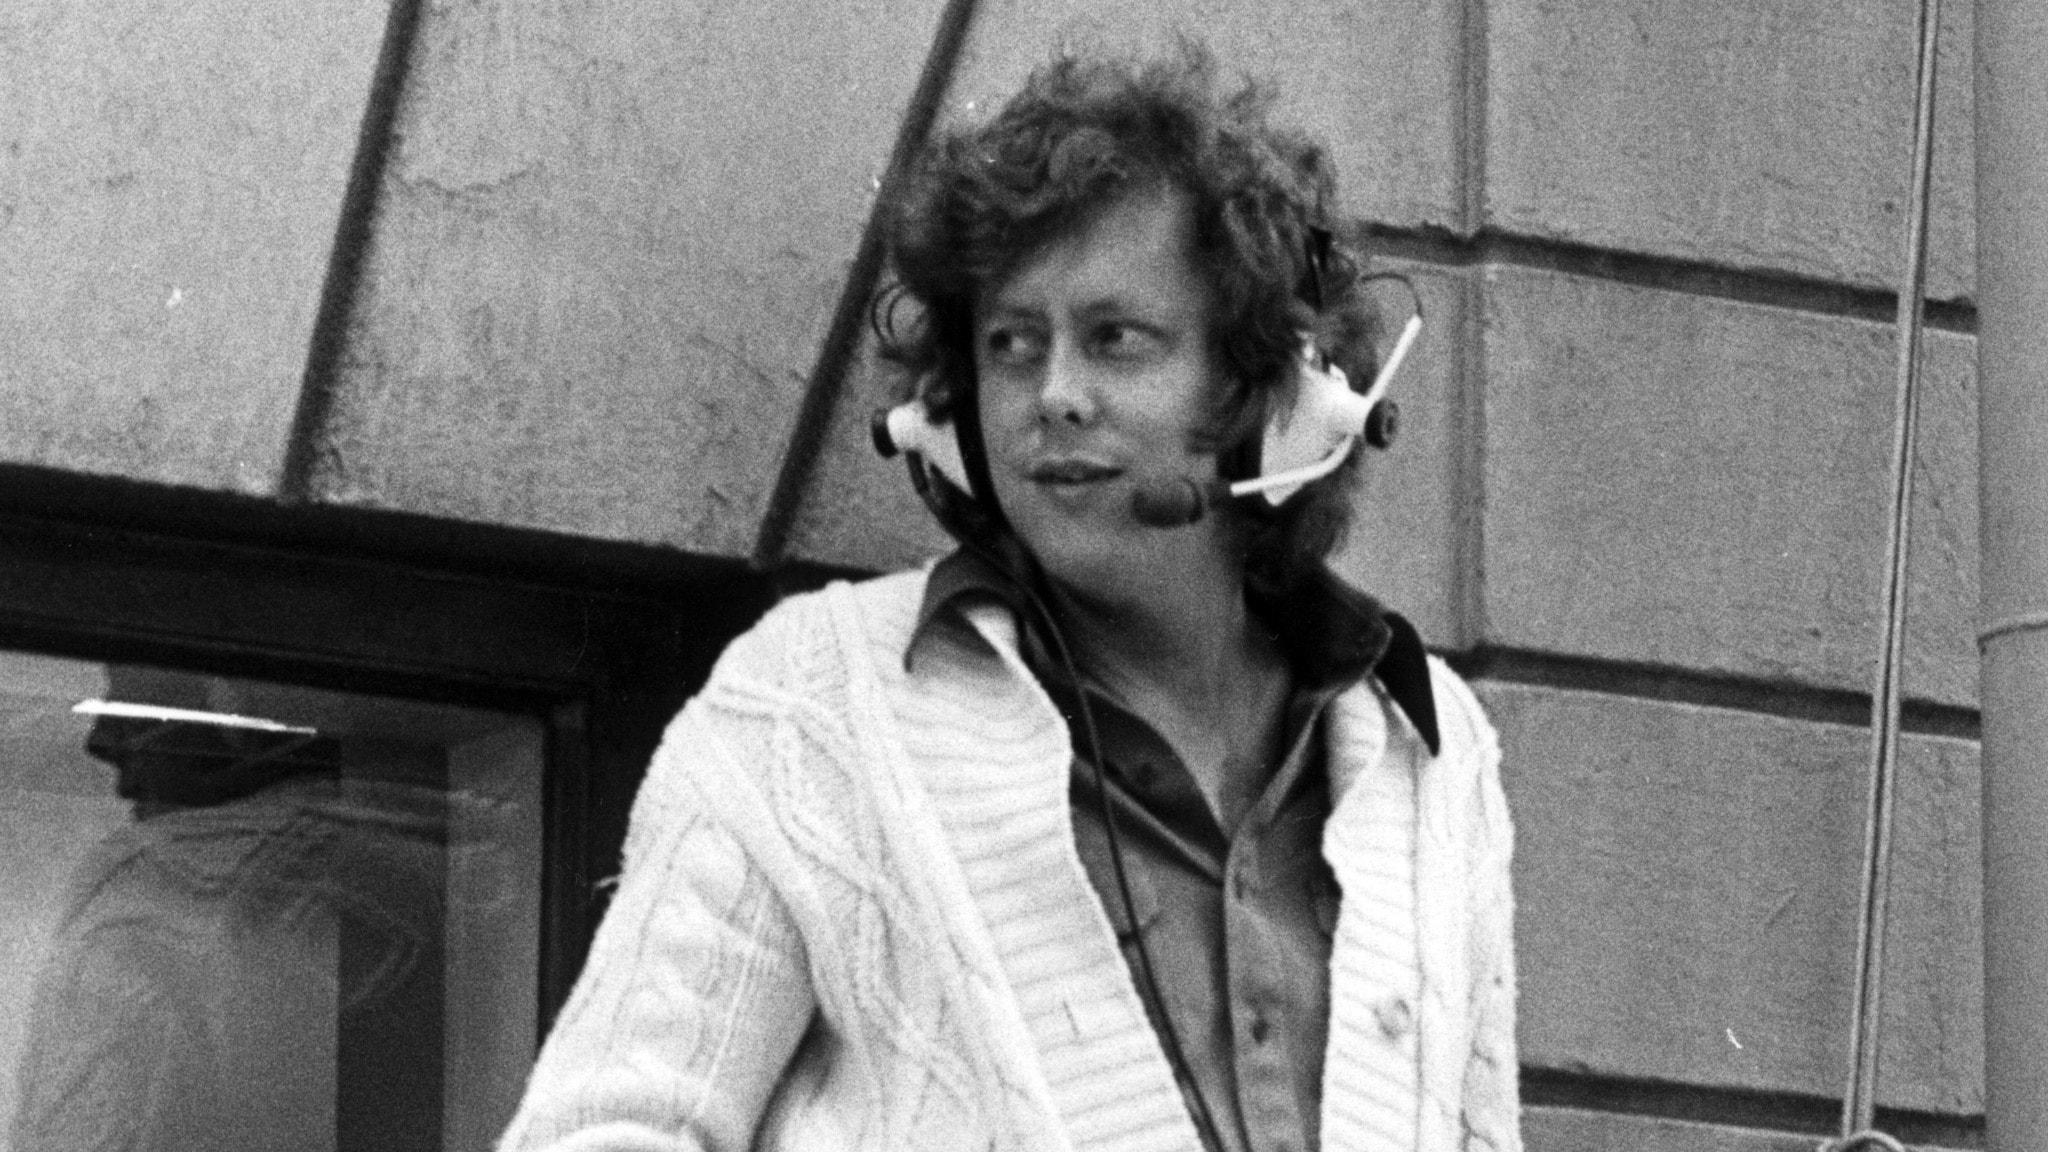 En äldre bild på Ulf Elfving i Svart-vitt.